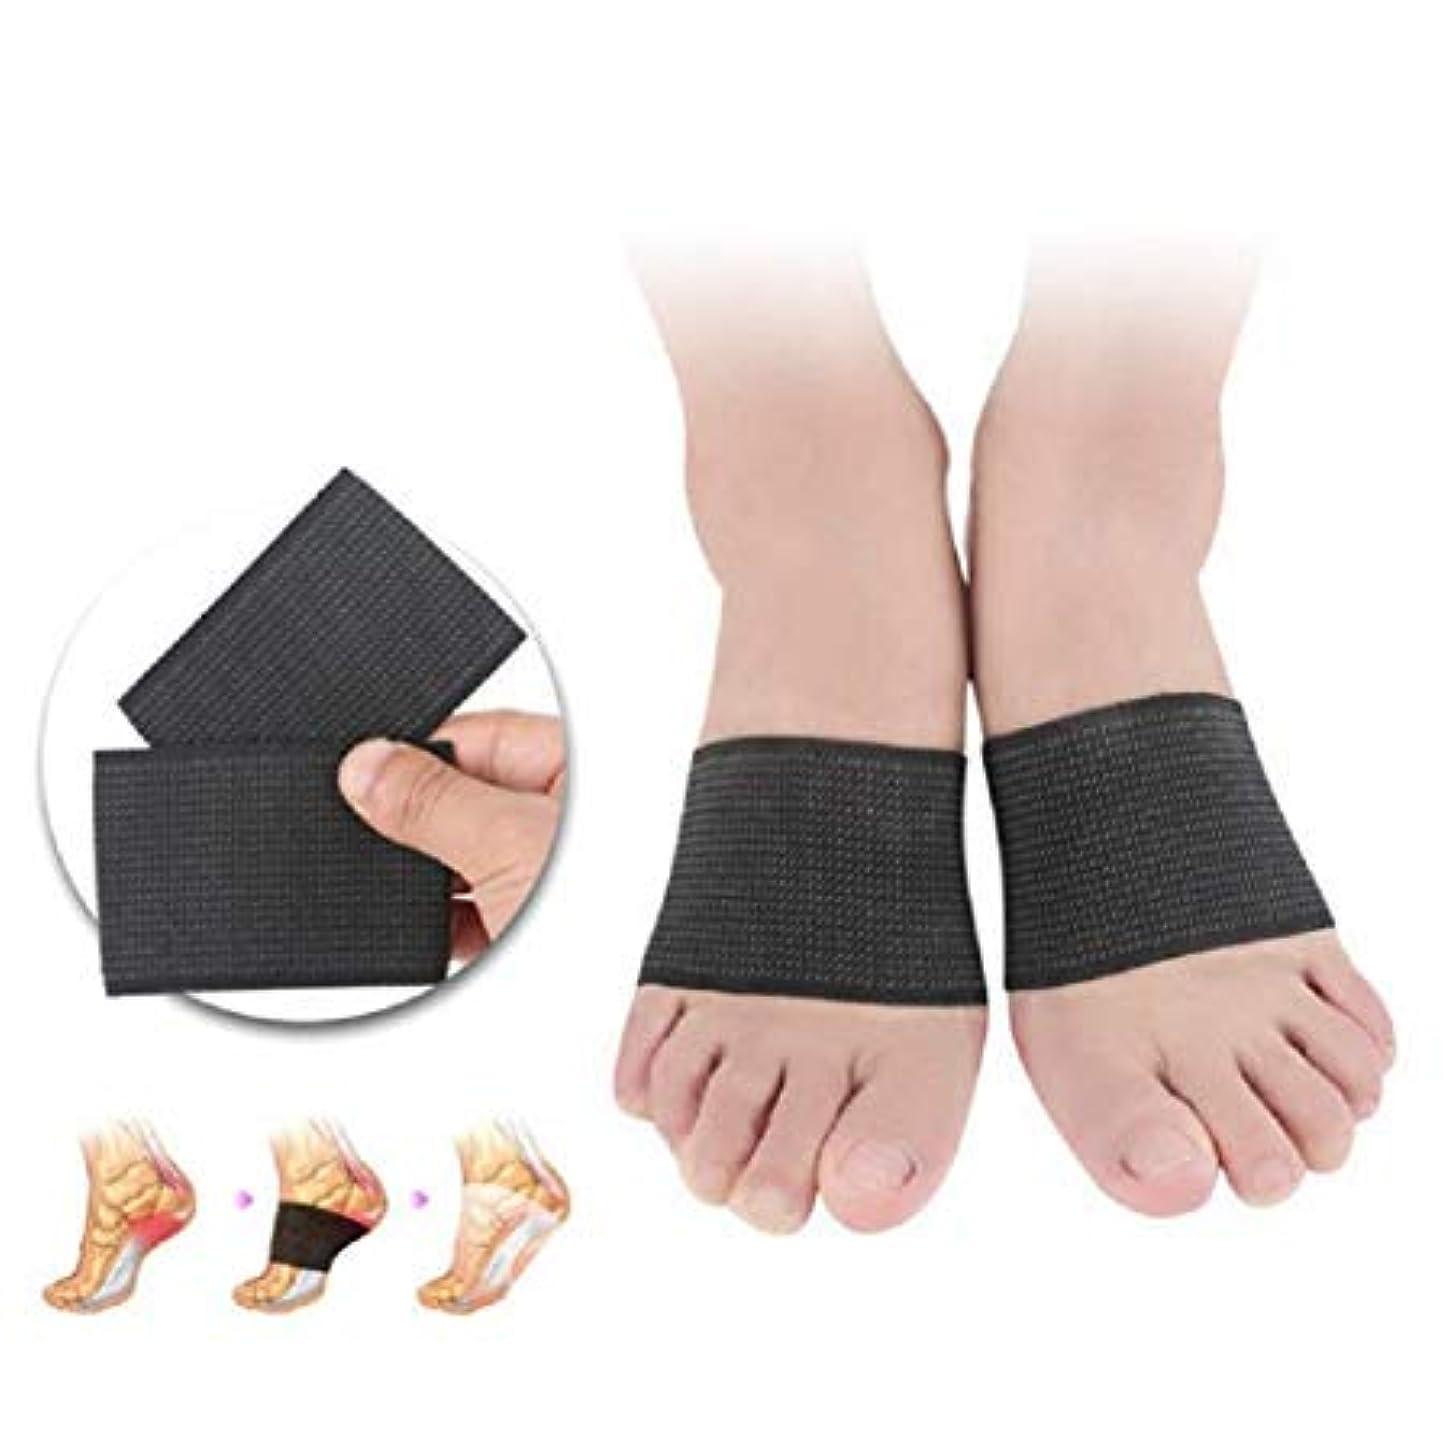 シンクアピールテメリティ1足/足のケアツール、足の筋膜炎のサポート足のケア、足の痛み、フラットボウサポート、足底筋膜炎のサポート、マッサージ整形外科用インソール